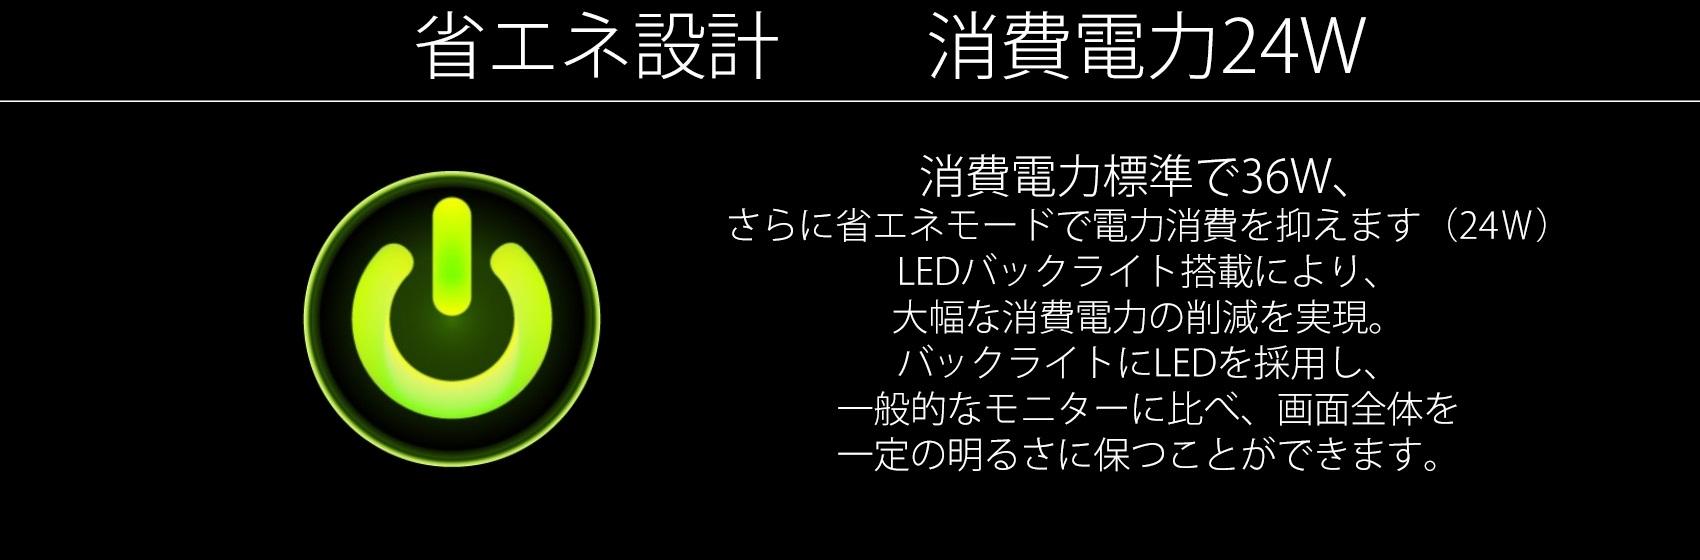 消費電力標準で36W、 LEDバックライト搭載により、 大幅な消費電力の削減を実現。 バックライトにLEDを採用し、 一般的なモニターに比べ、画面全体を 一定の明るさに保つことができます。